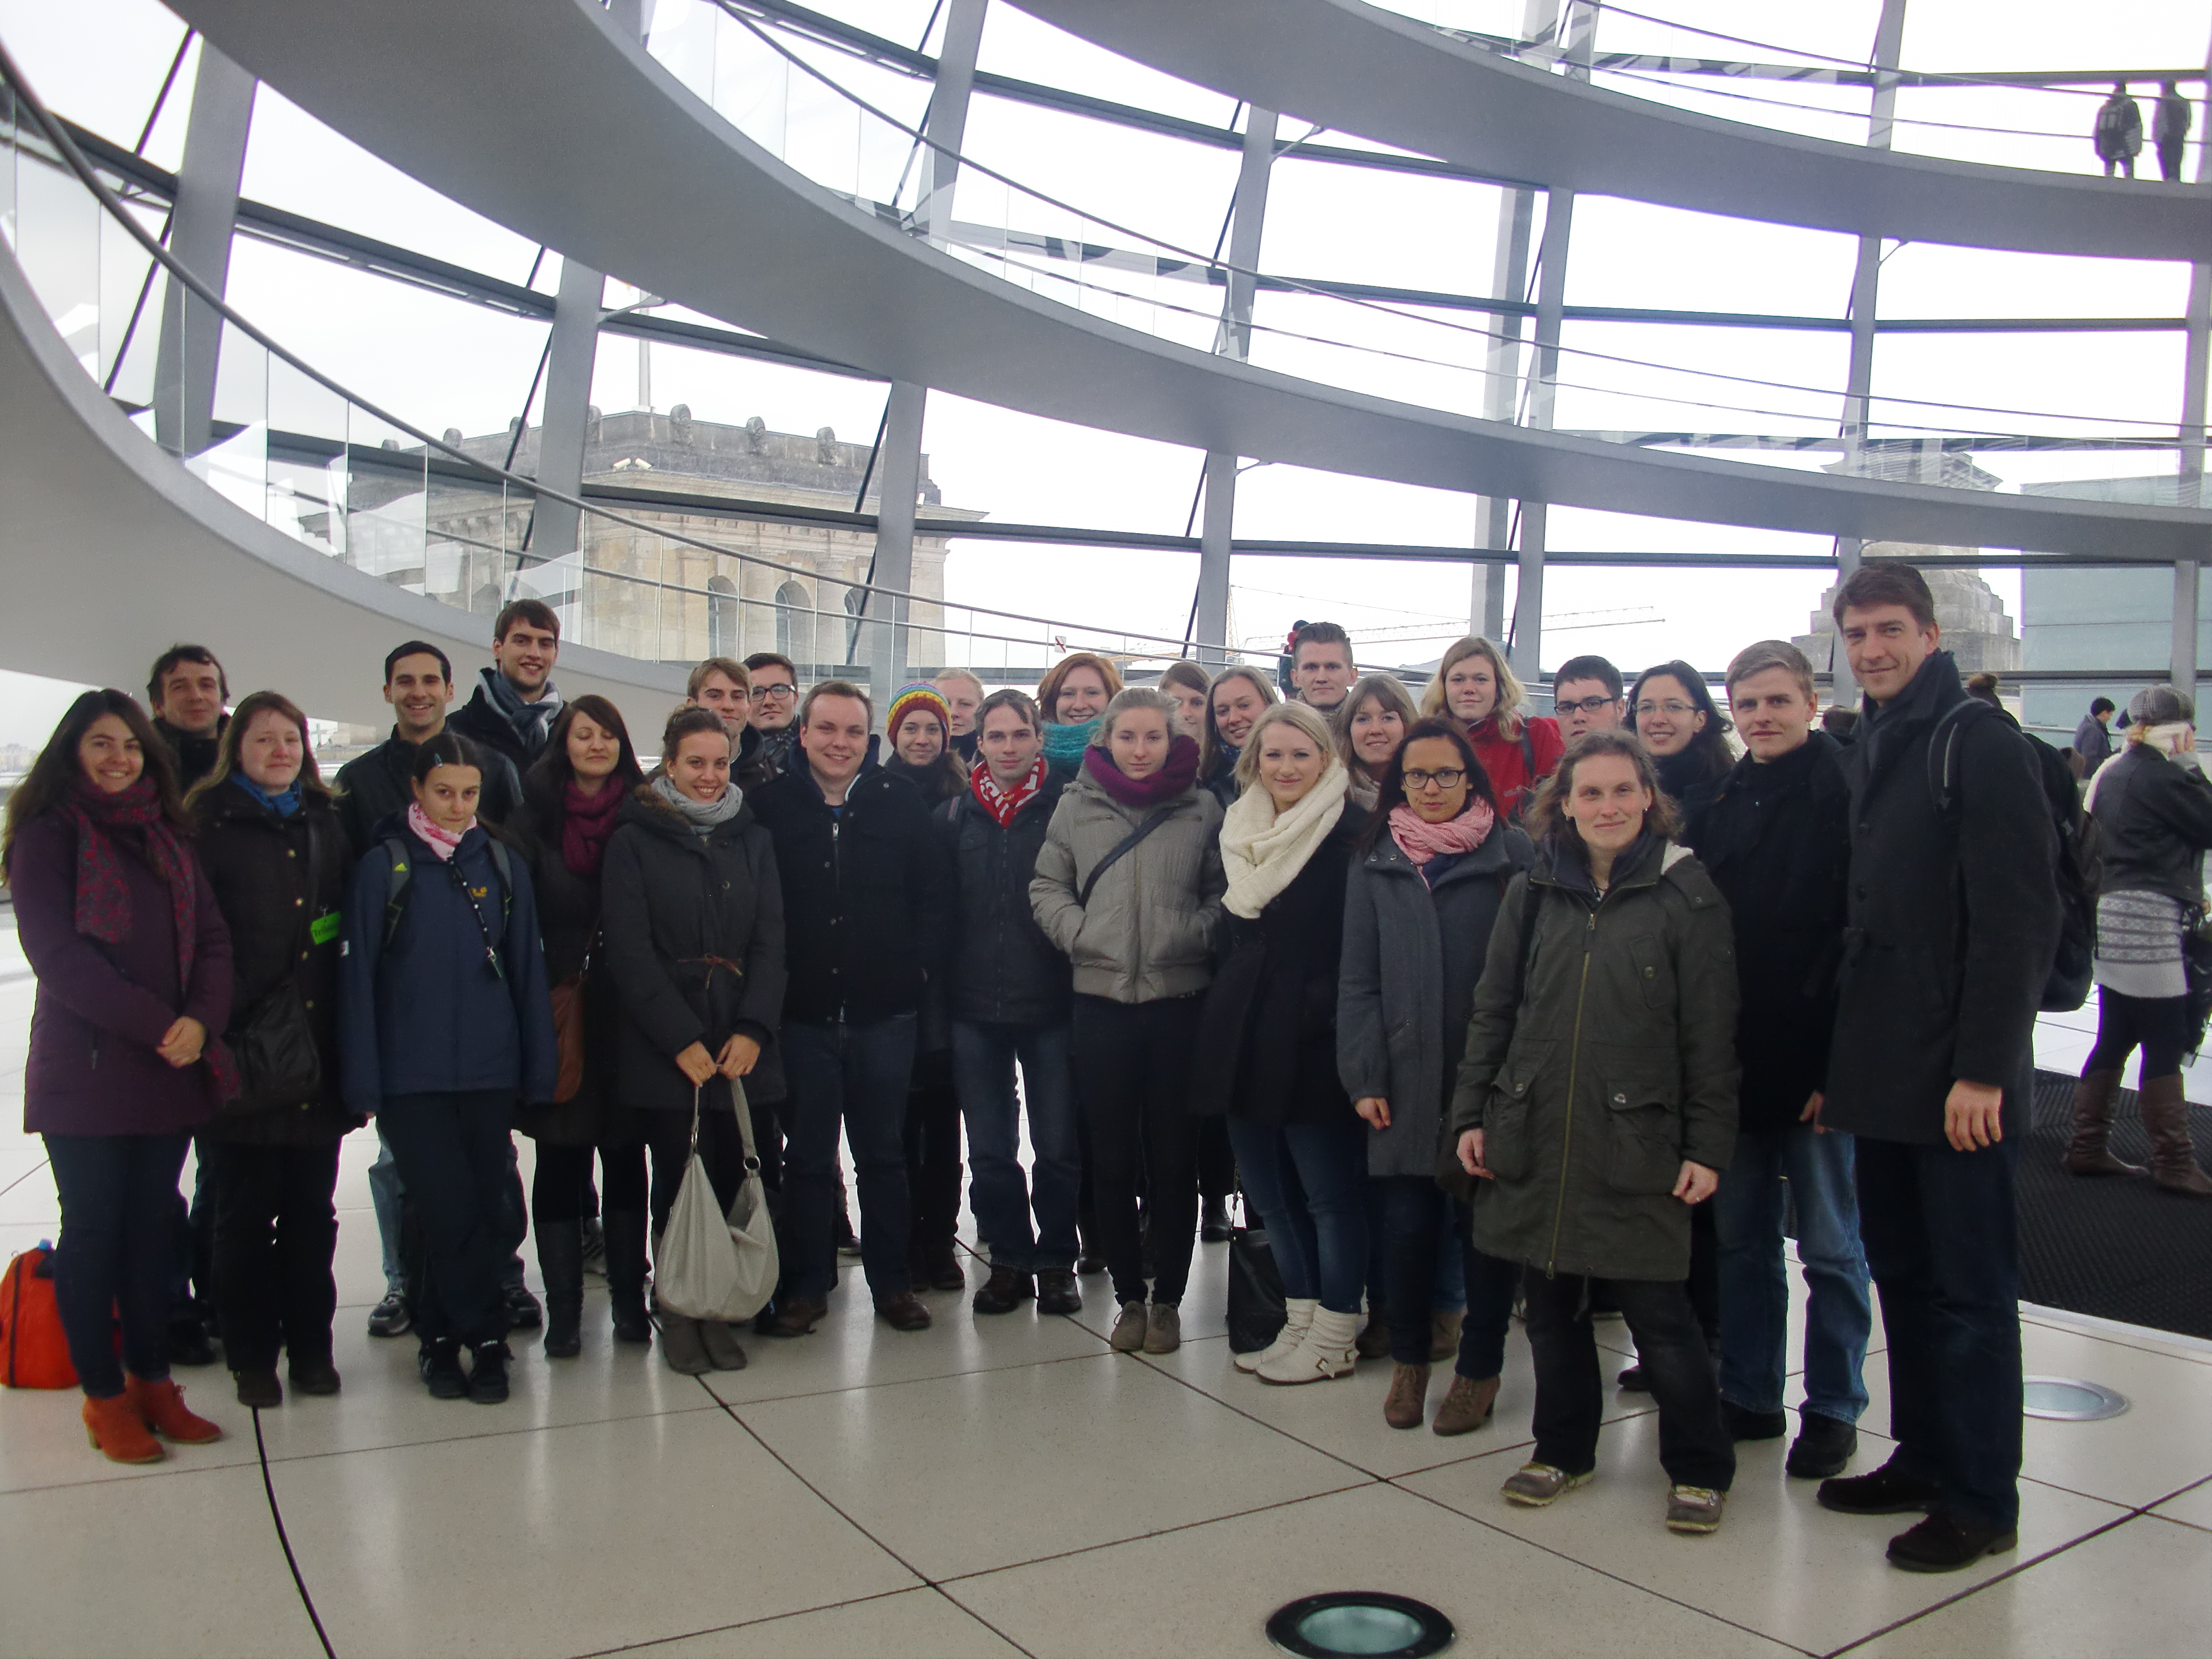 die Gruppe mit dem Abgeordneten Herrn Leutert auf der Kuppel des Reichtagsgebäudes